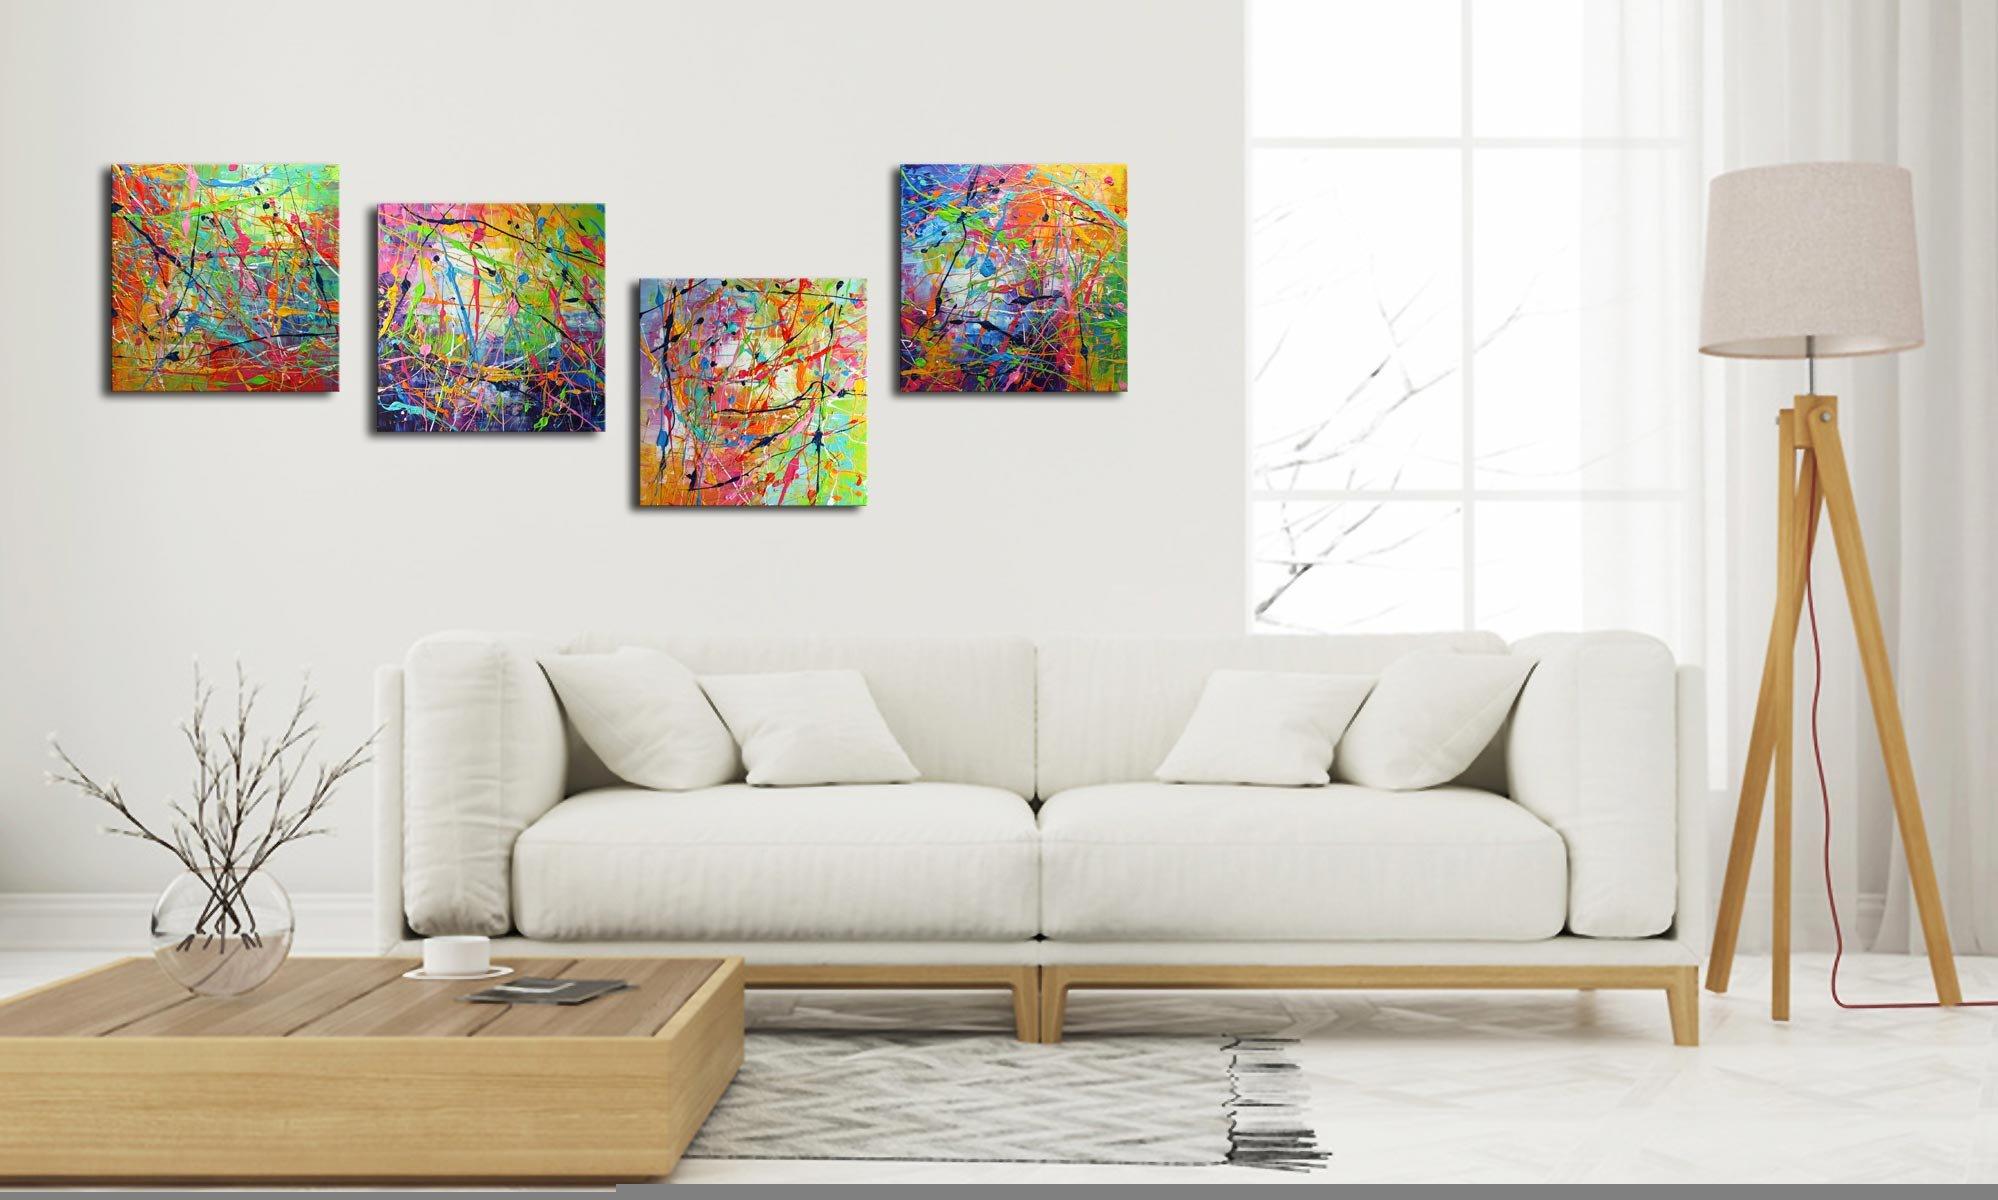 vierluik schilderij Holi van Ines